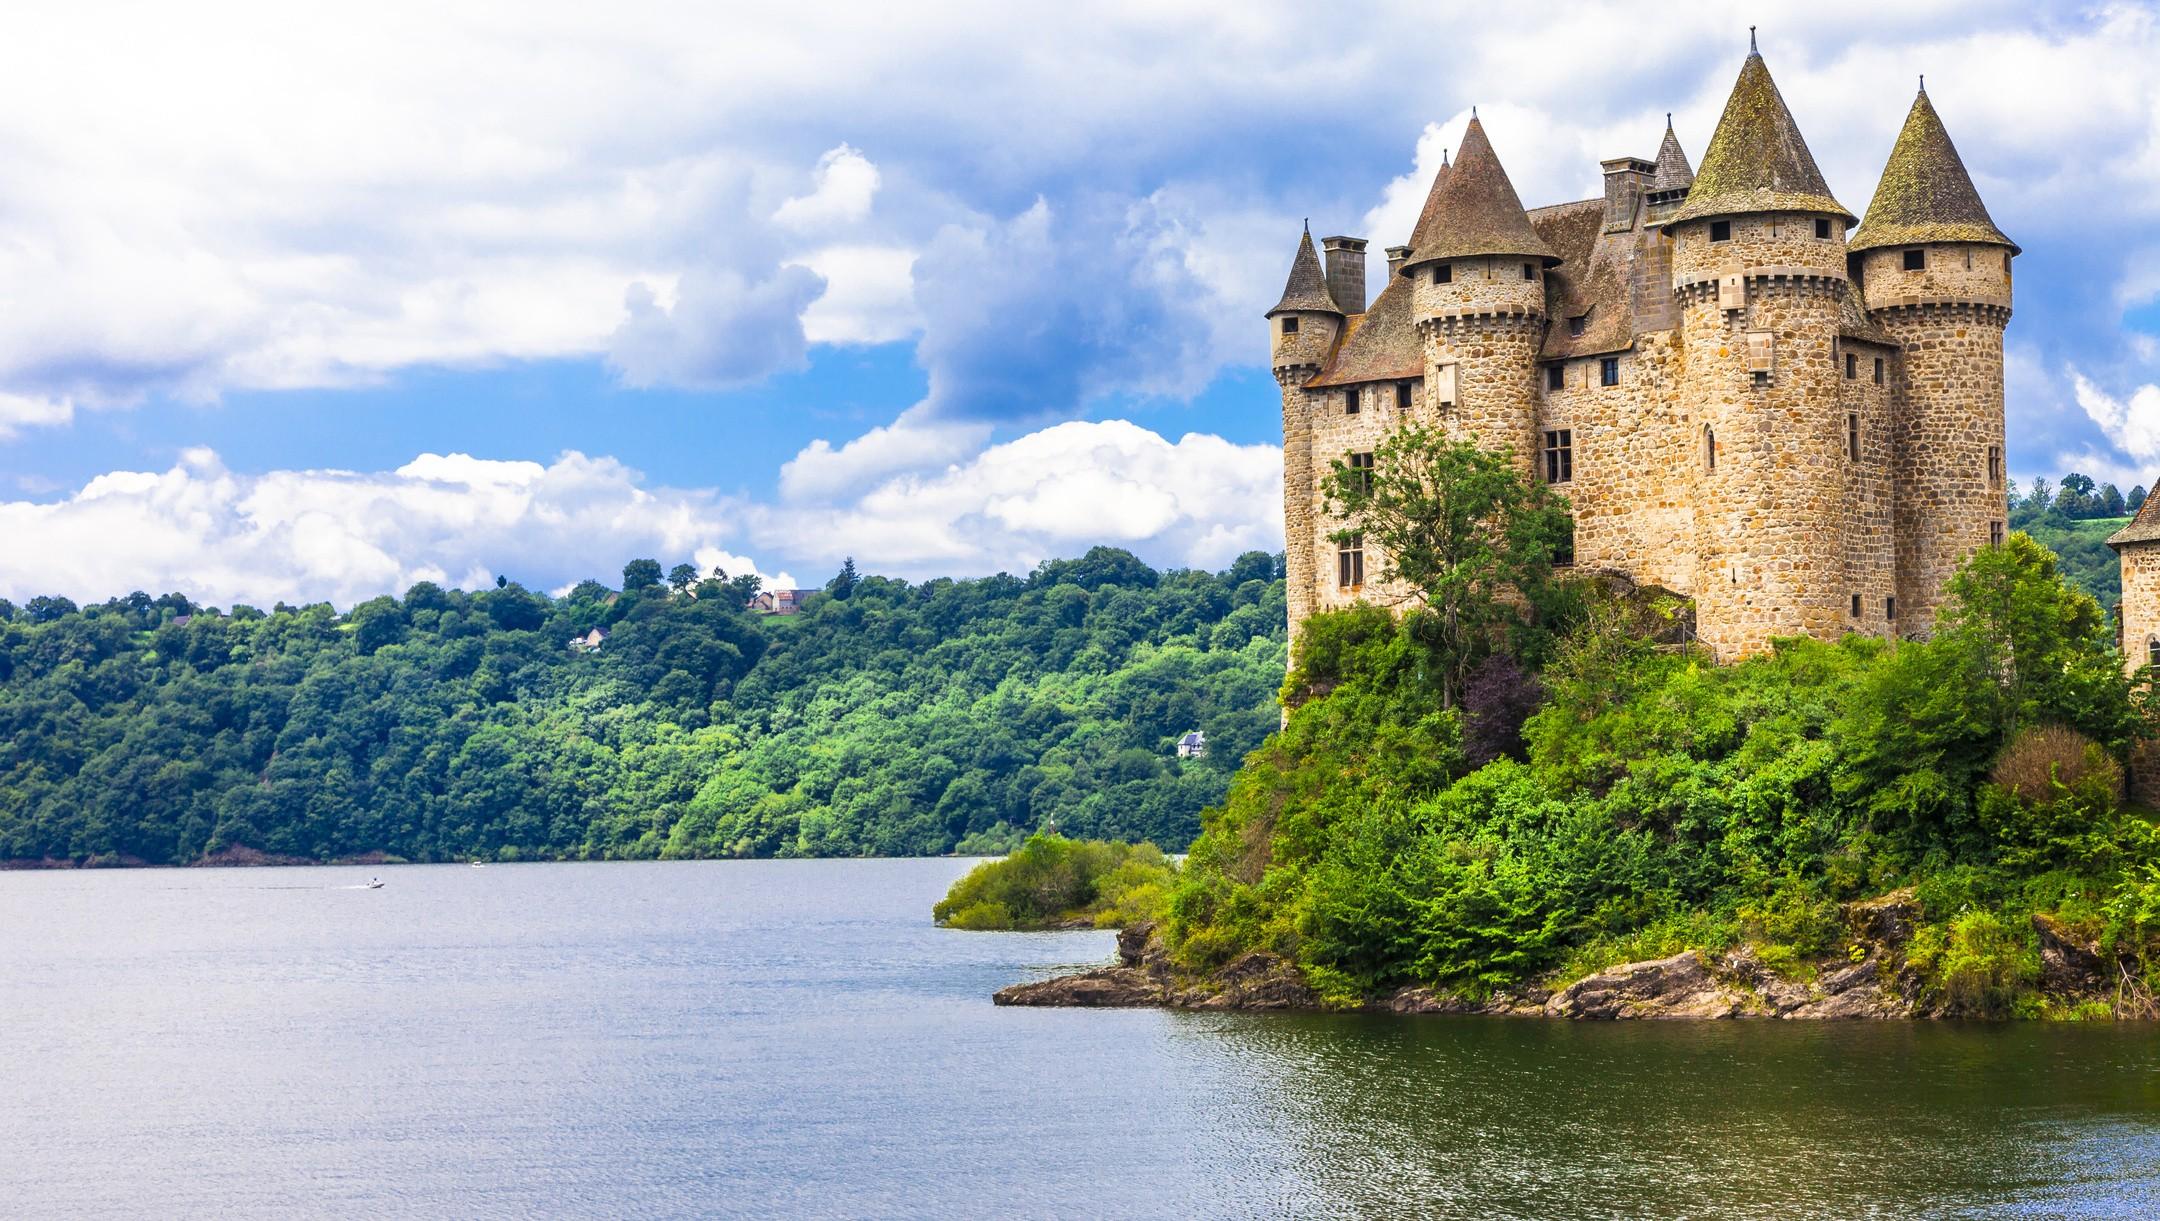 Vulkane Burgen Co Auvergne Reise Ins Ursprüngliche Frankreich Krone At